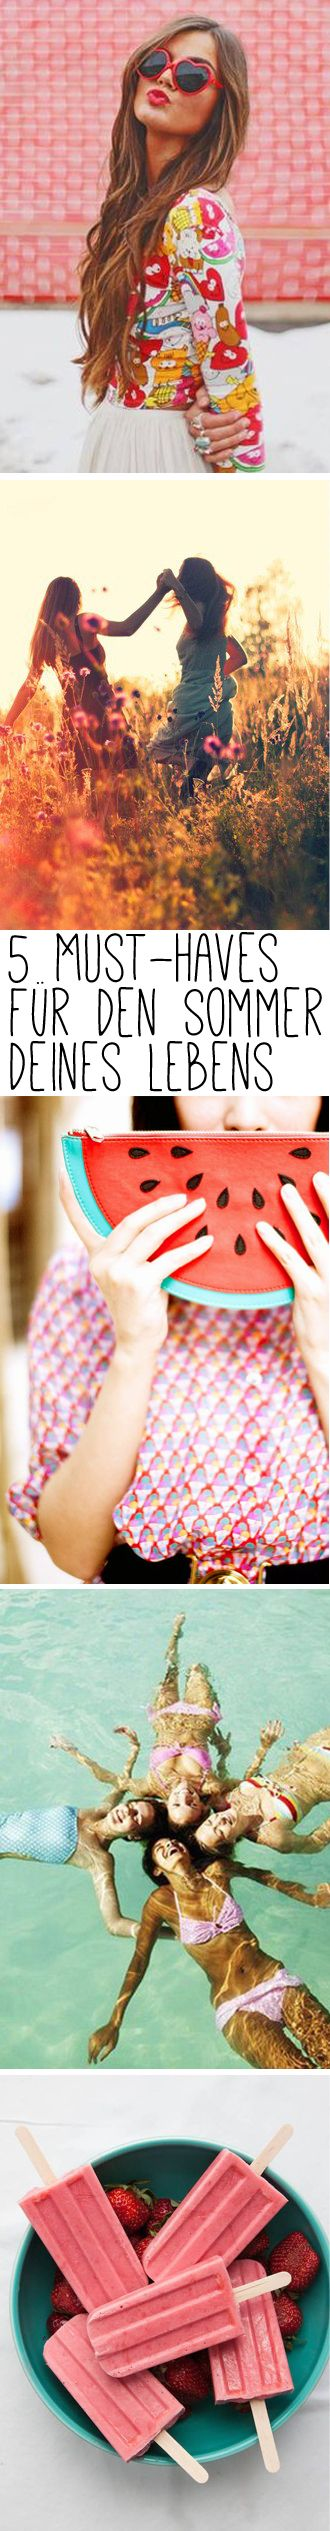 5 Must-Haves für den Sommer deines Lebens! Jetzt auf http://www.gofeminin.de/modetrends/must-haves-sommer-s1402512.html #musthaves #summer #love #fun #erdbeereis #sonne #fashion #style